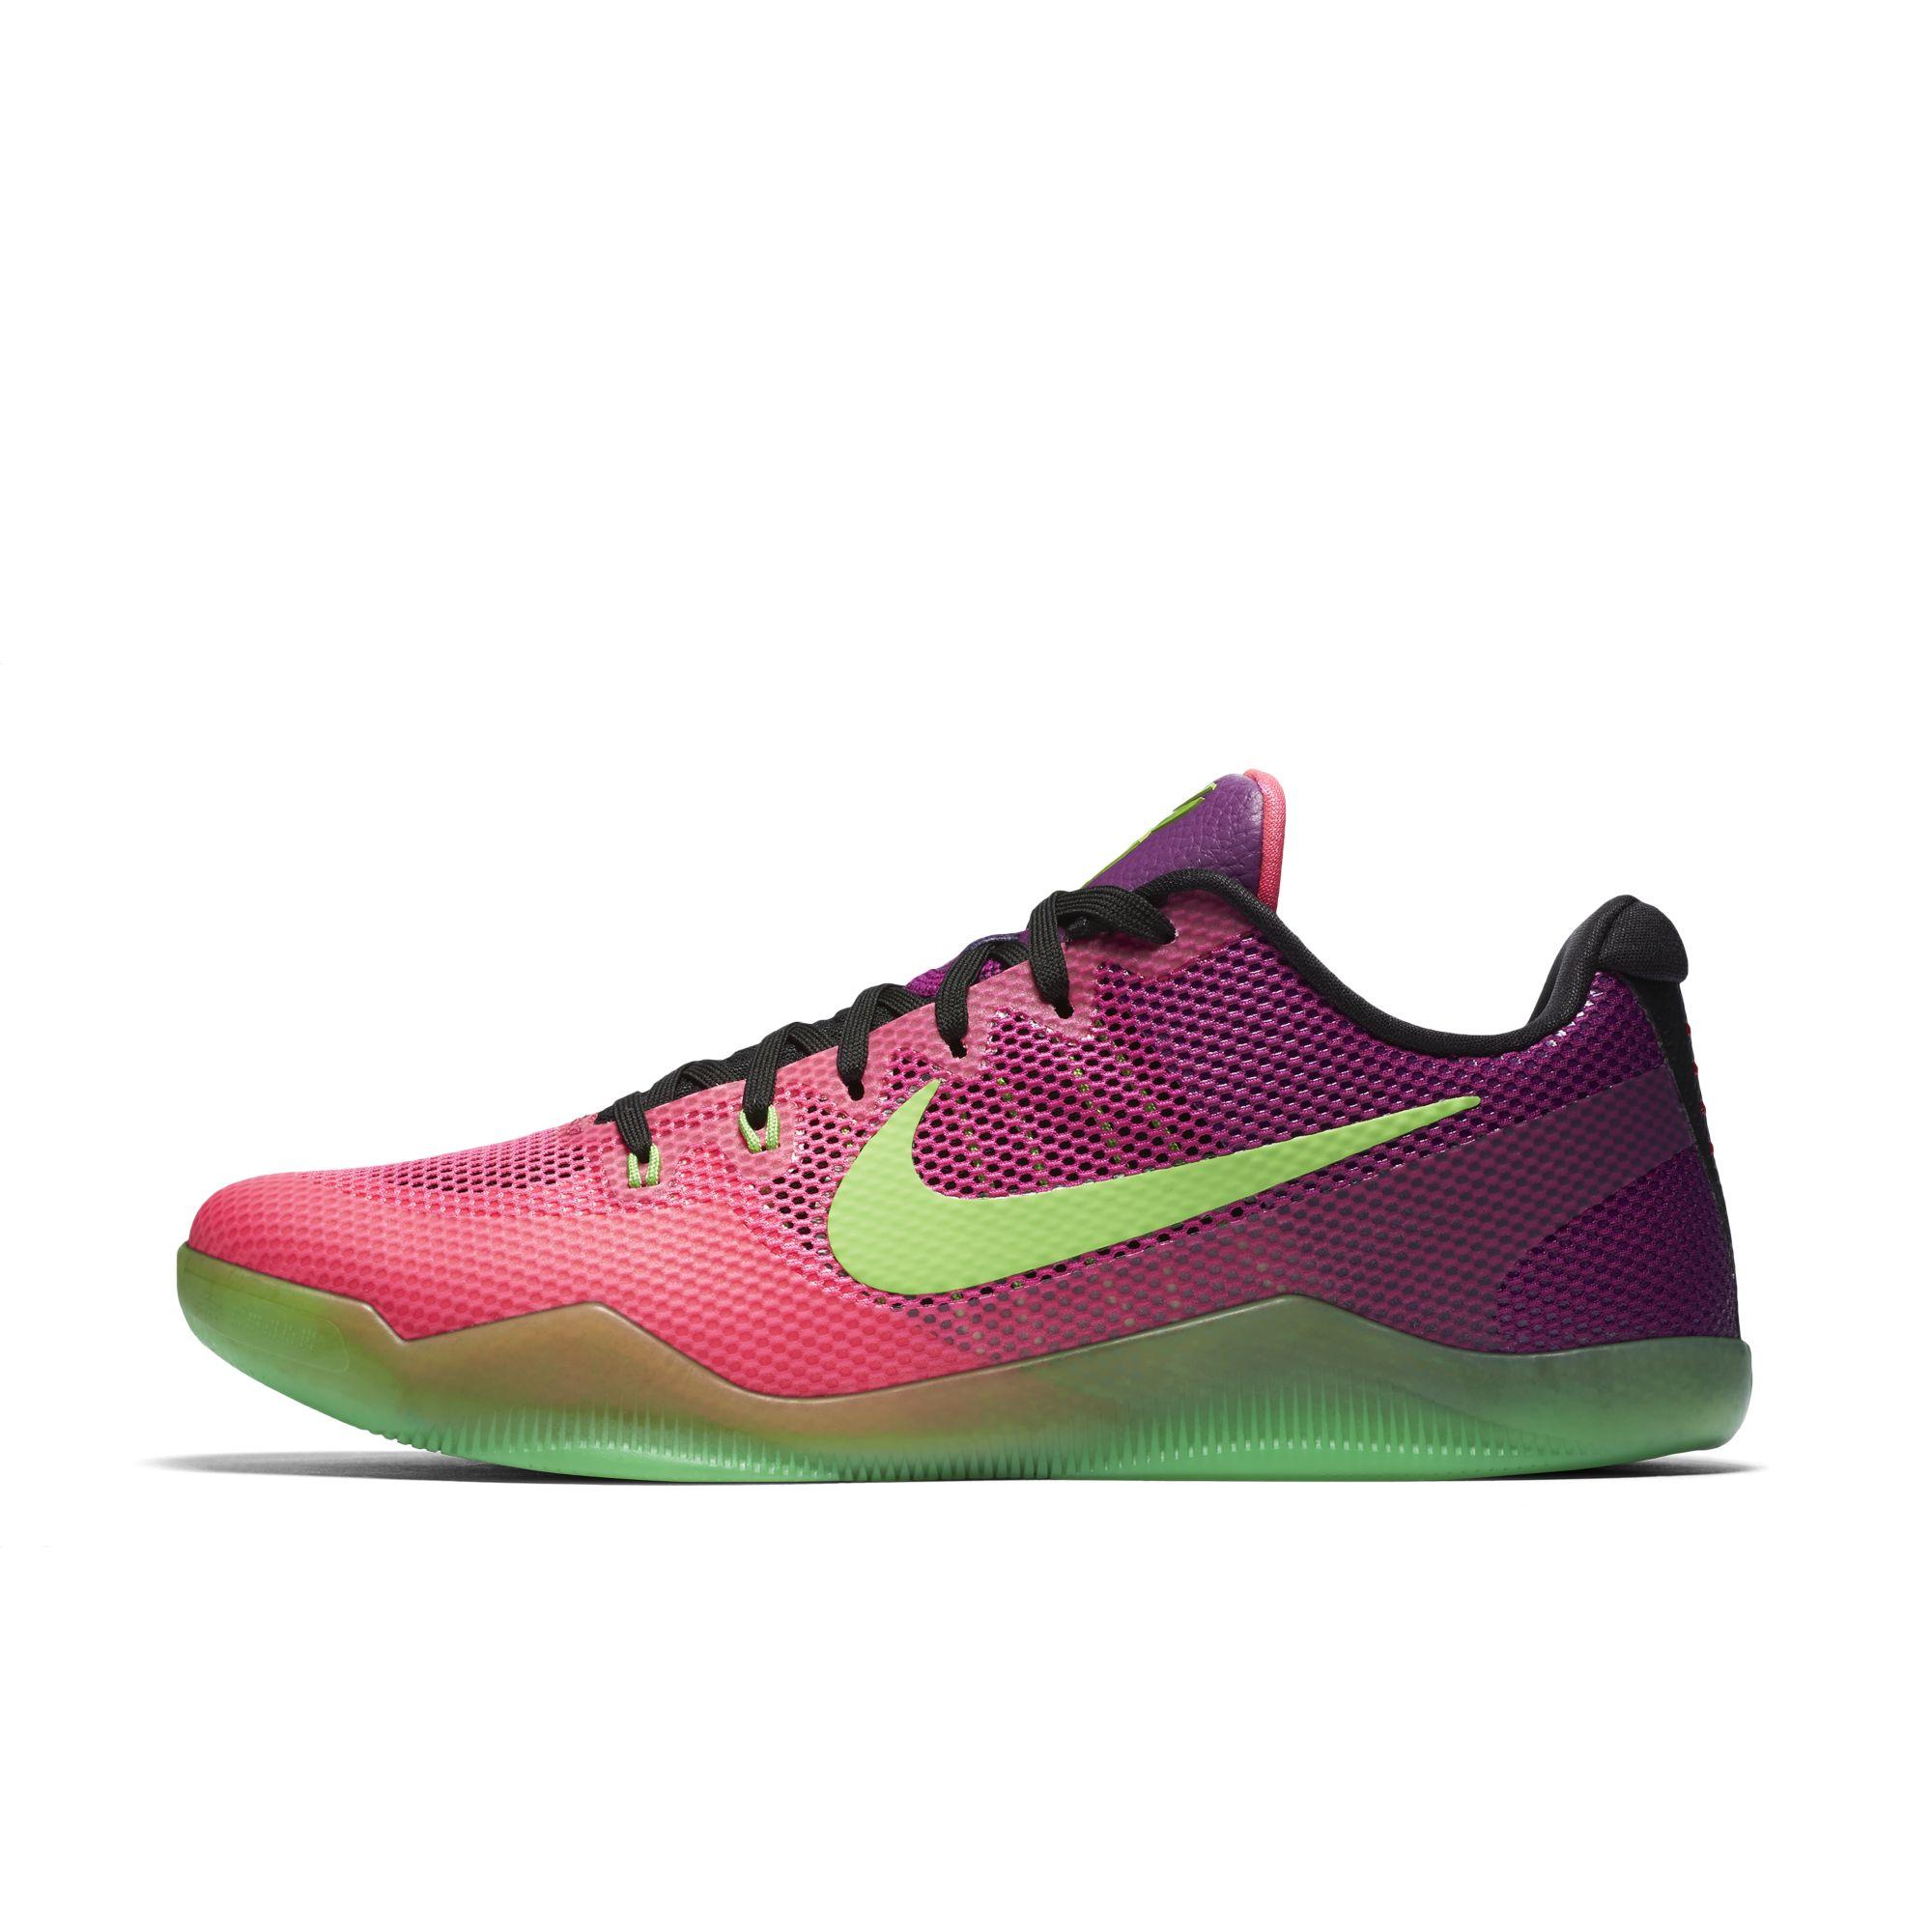 Kobe 11 Mambacurial Pink -2